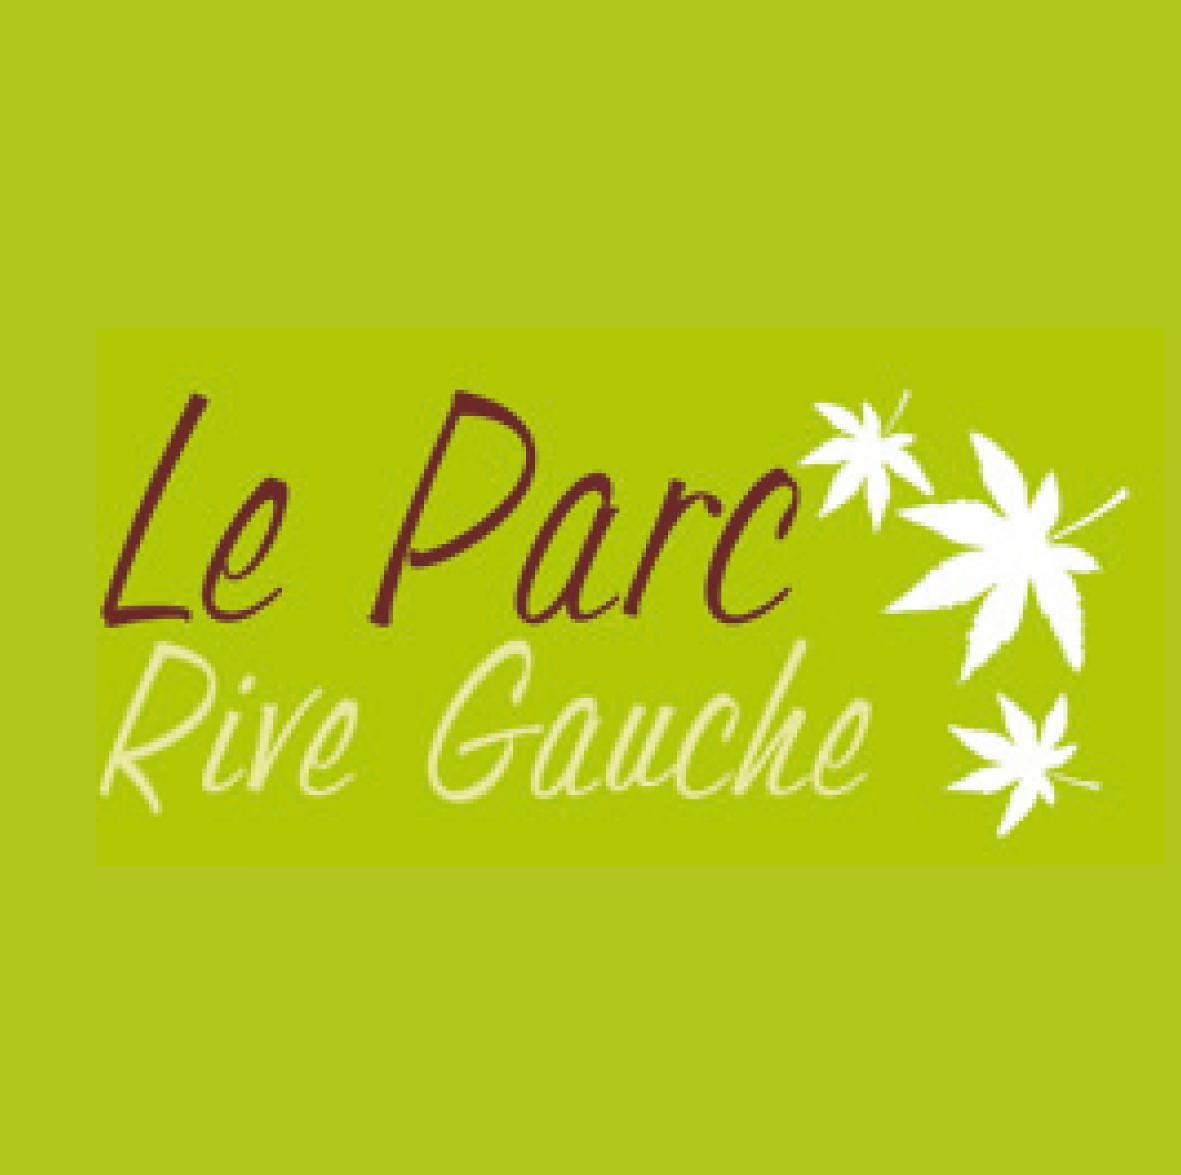 Logo-Le-Parc-Rive-Gauche